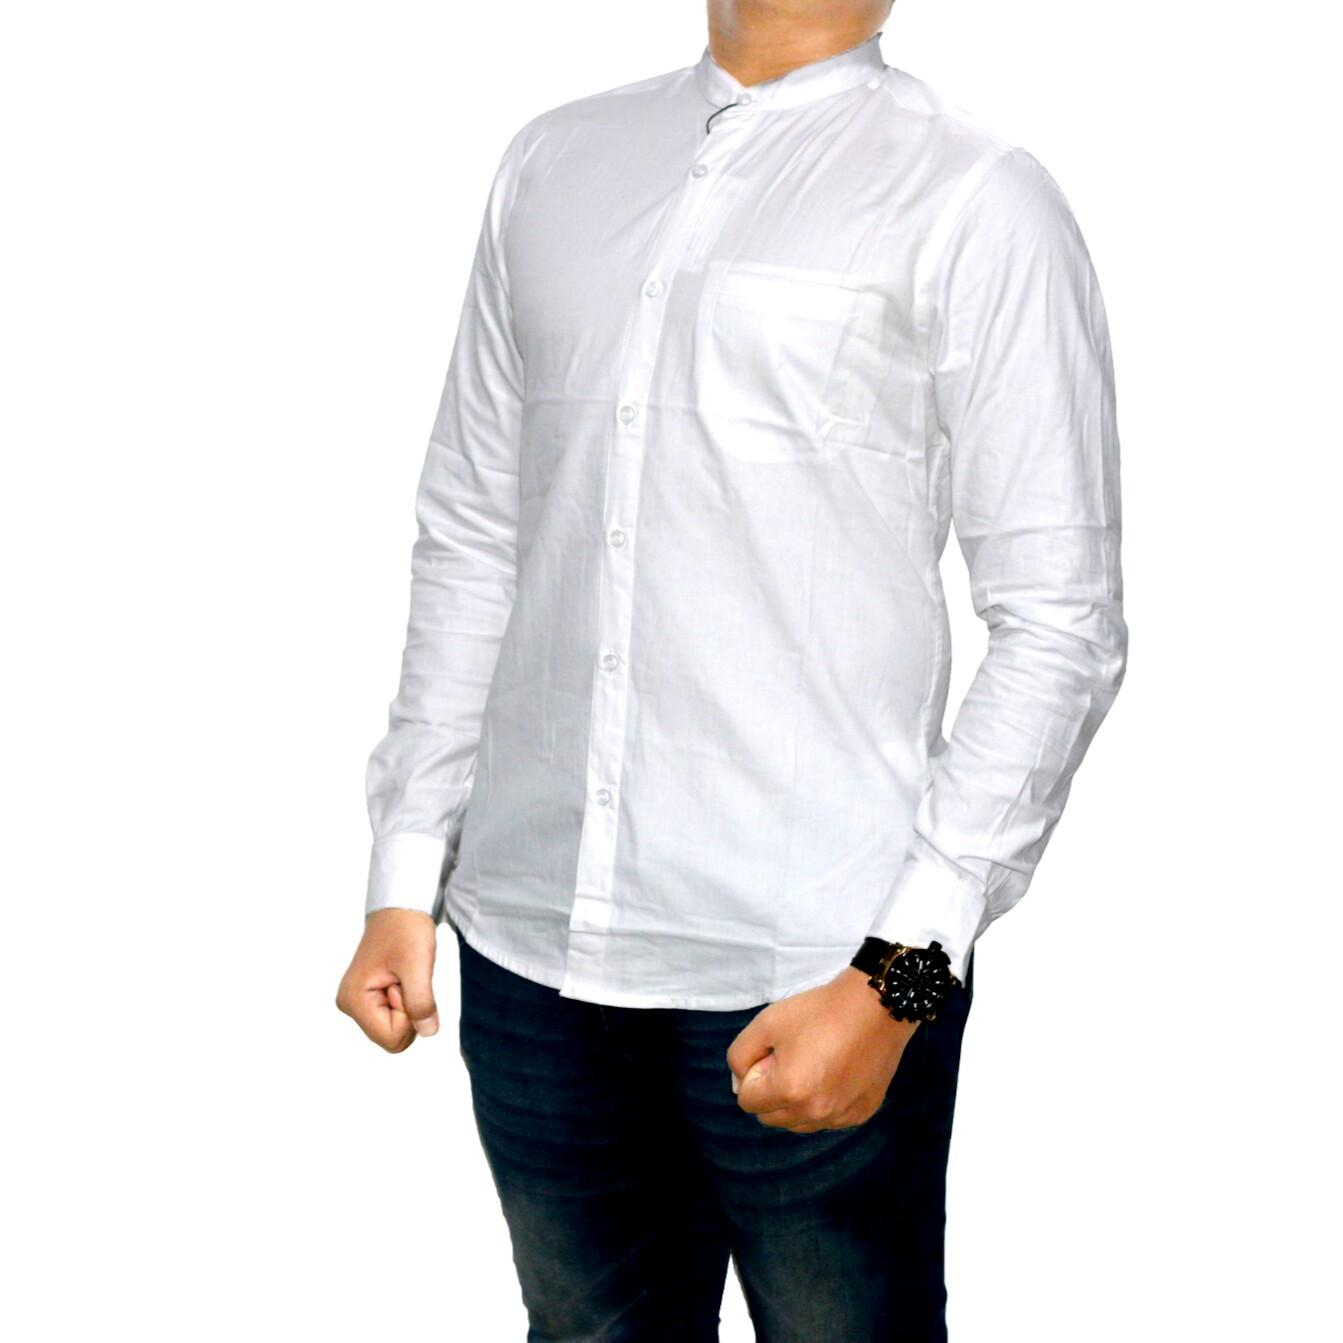 Dgm_Fashion1 Kemeja Putih Polos Kerah Sanghai Oxford/Kemeja Denim/Jeans Pria/Kemeja Polos/Kemeja Retro/Kemeja Distro/Baju Distro/Kemeja Flanel/Kemeja Pendek/Kemeja Panjang/Kemeja Casual/Kemeja Kantoran/Kemeja HEM/Kemeja Murah PS 4398